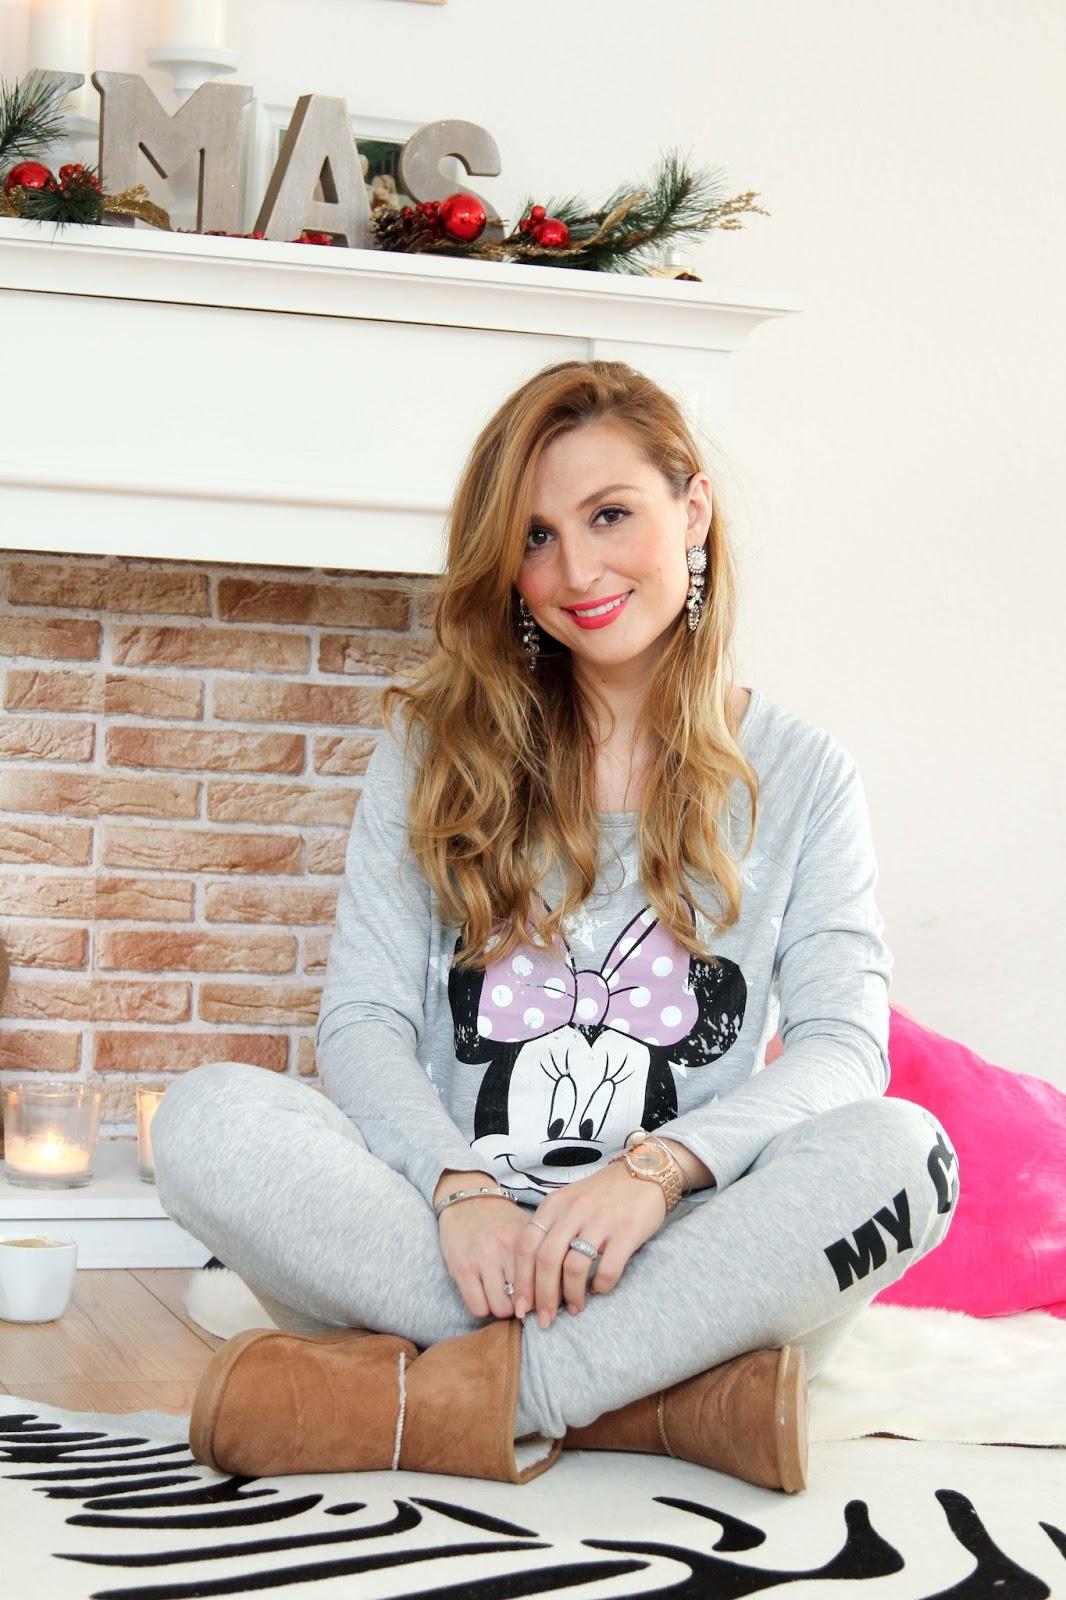 cozy-look-weihnachtslook-gemütlicher-style-cosy-ugg-boots-pyjama-look